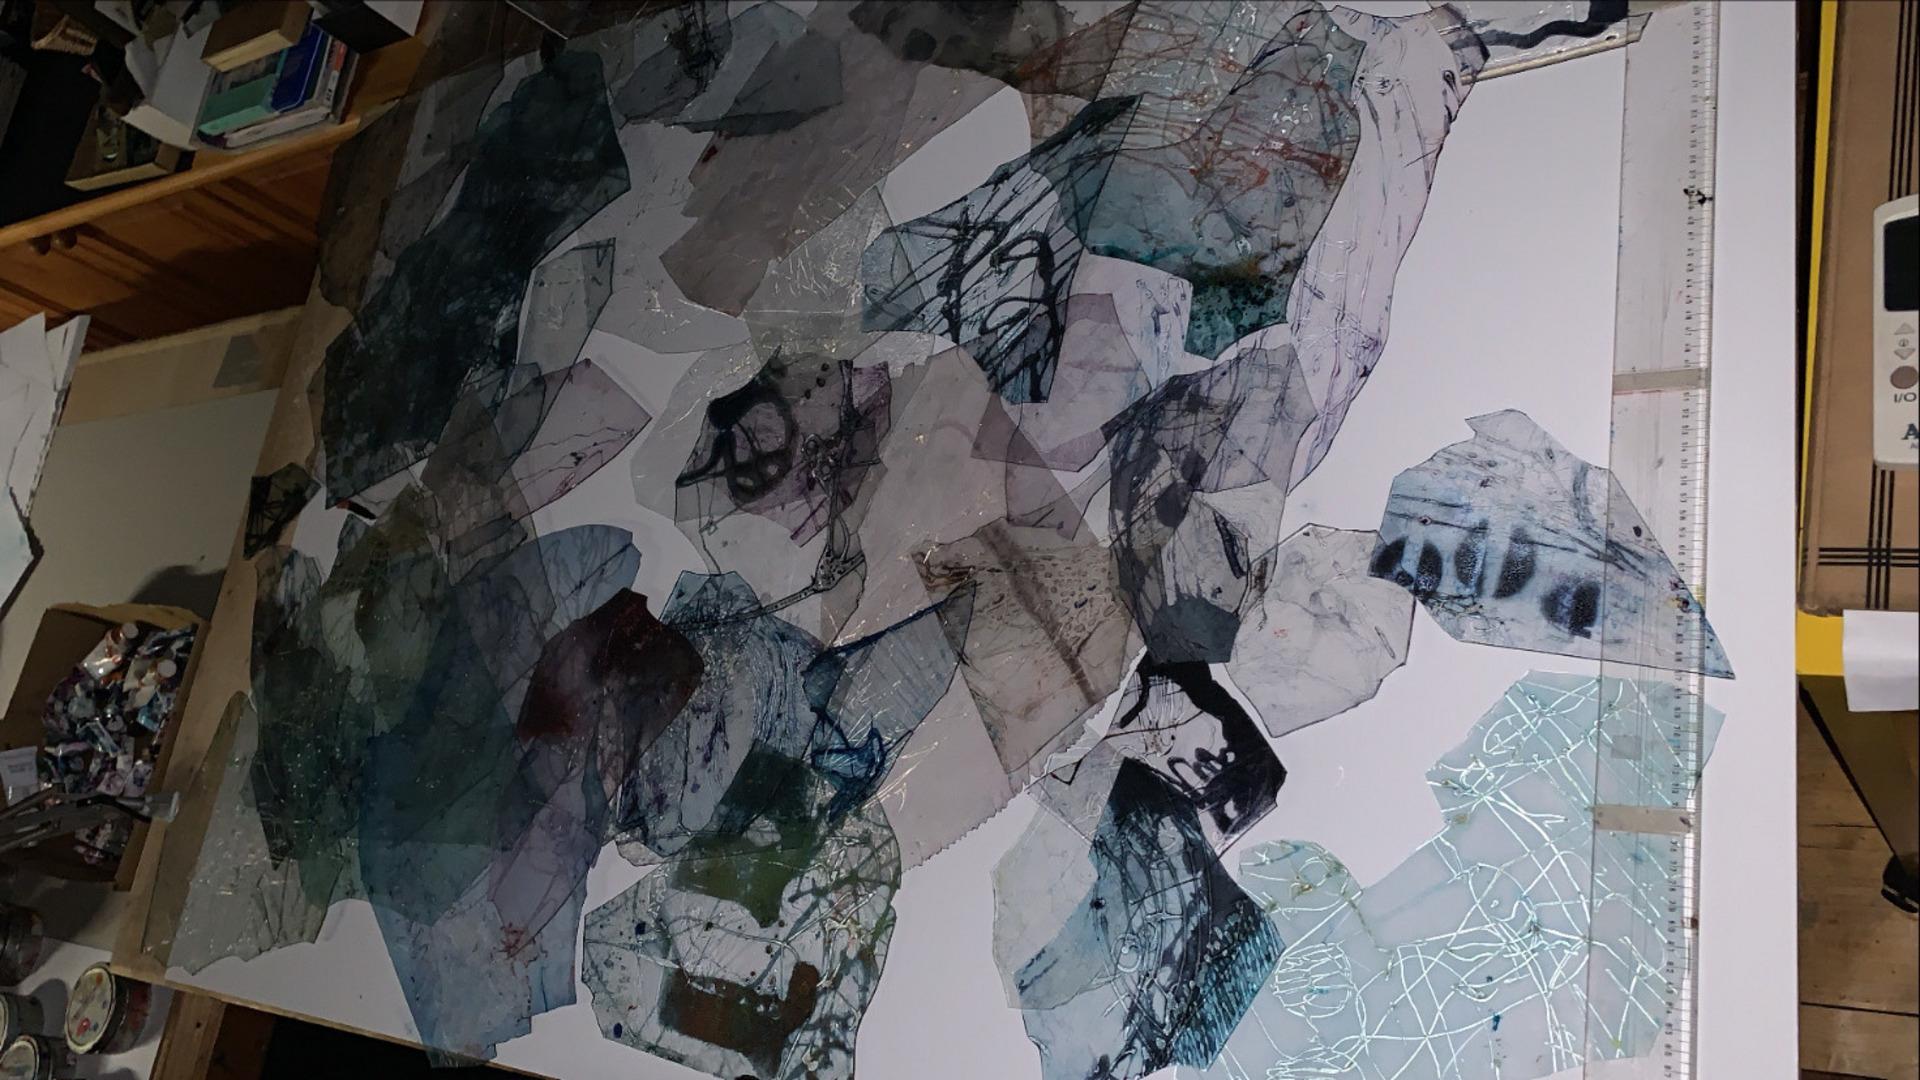 Plexiglass pieces